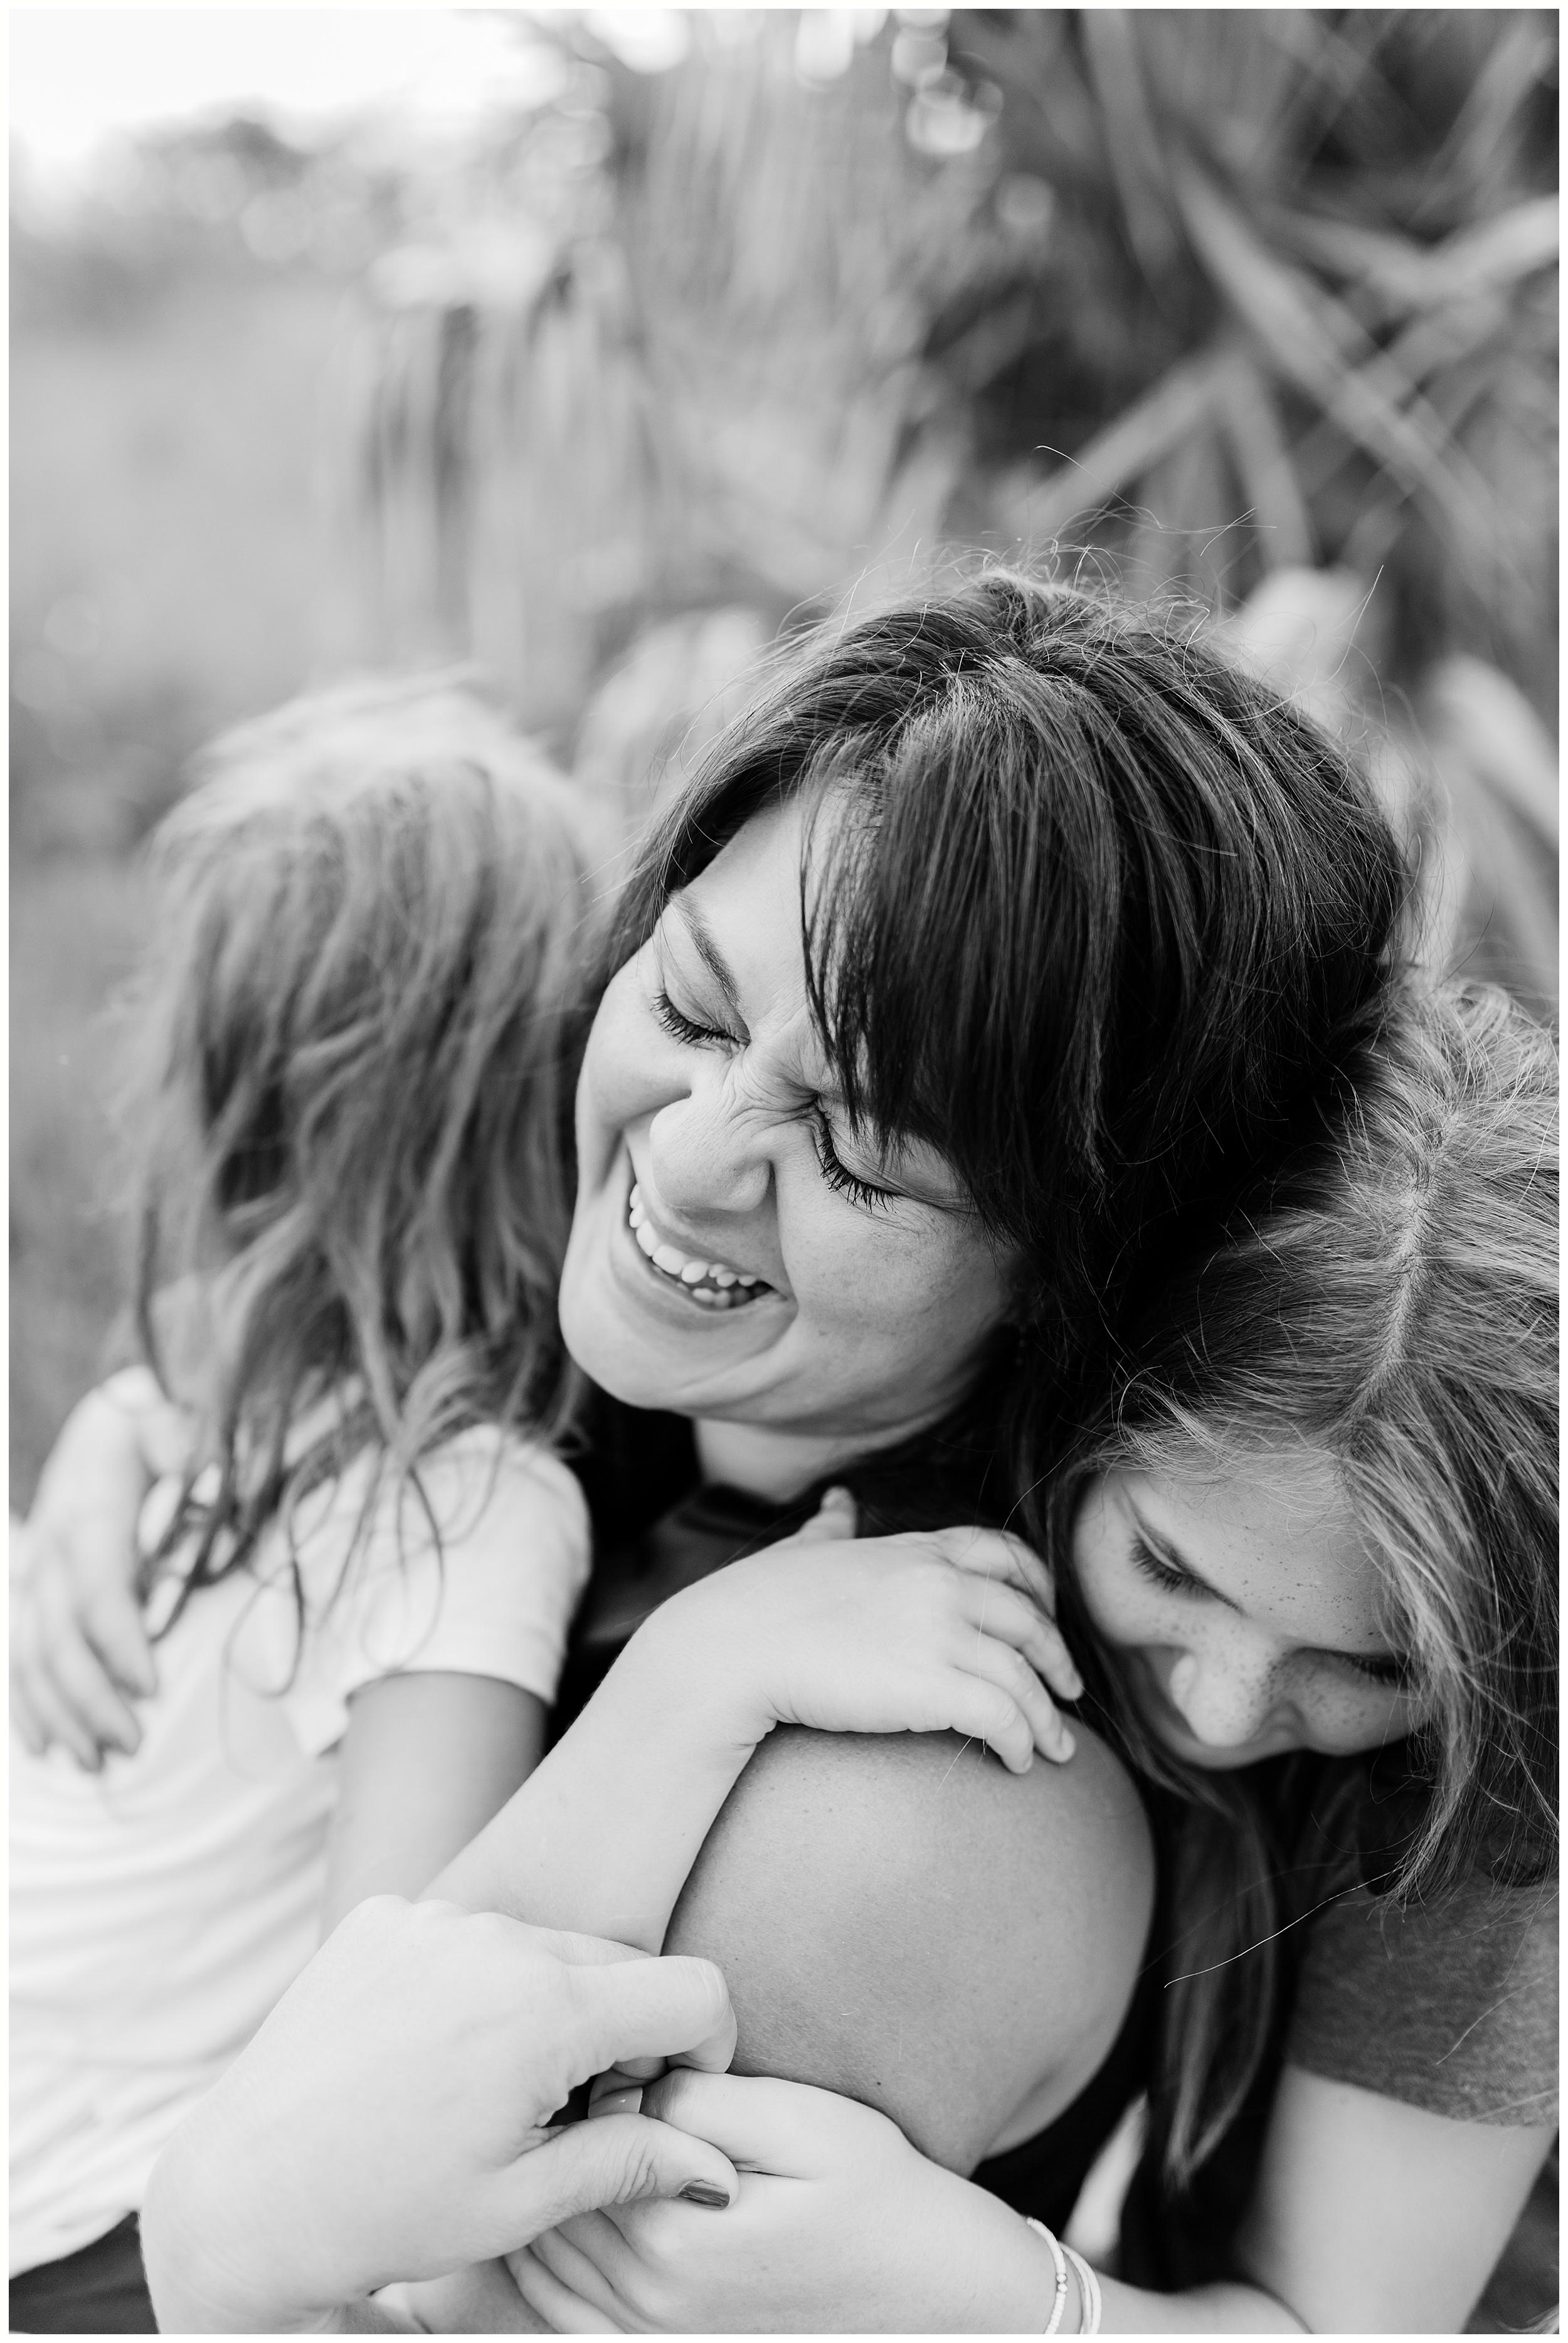 lexington-ky-family-lifestyle-photographer-priscilla-baierlein_1731.jpg